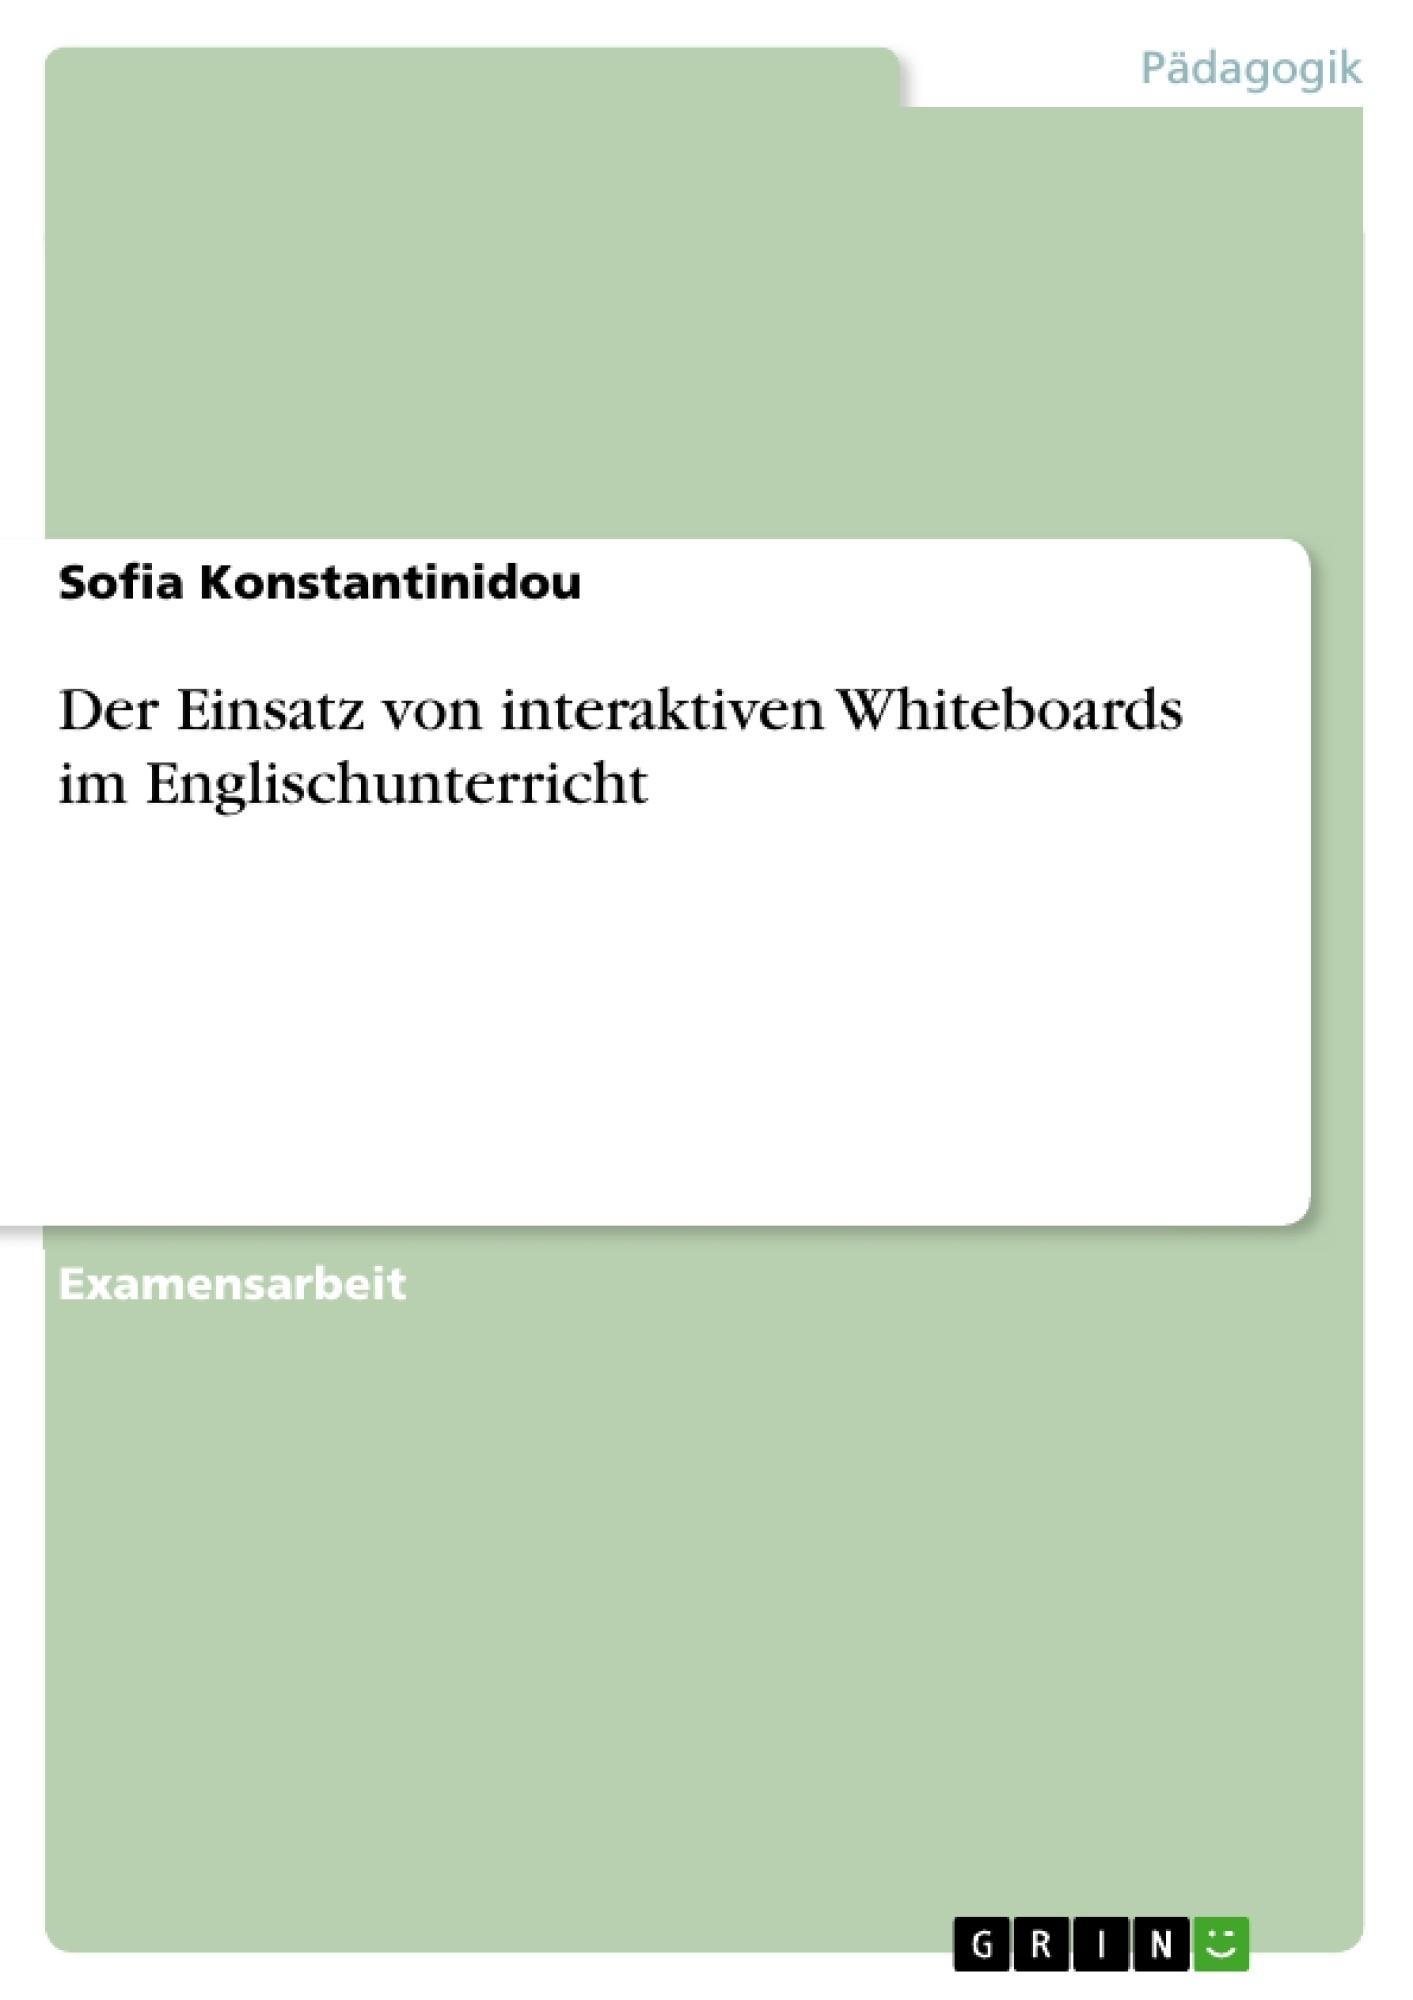 Titel: Der Einsatz von interaktiven Whiteboards im Englischunterricht